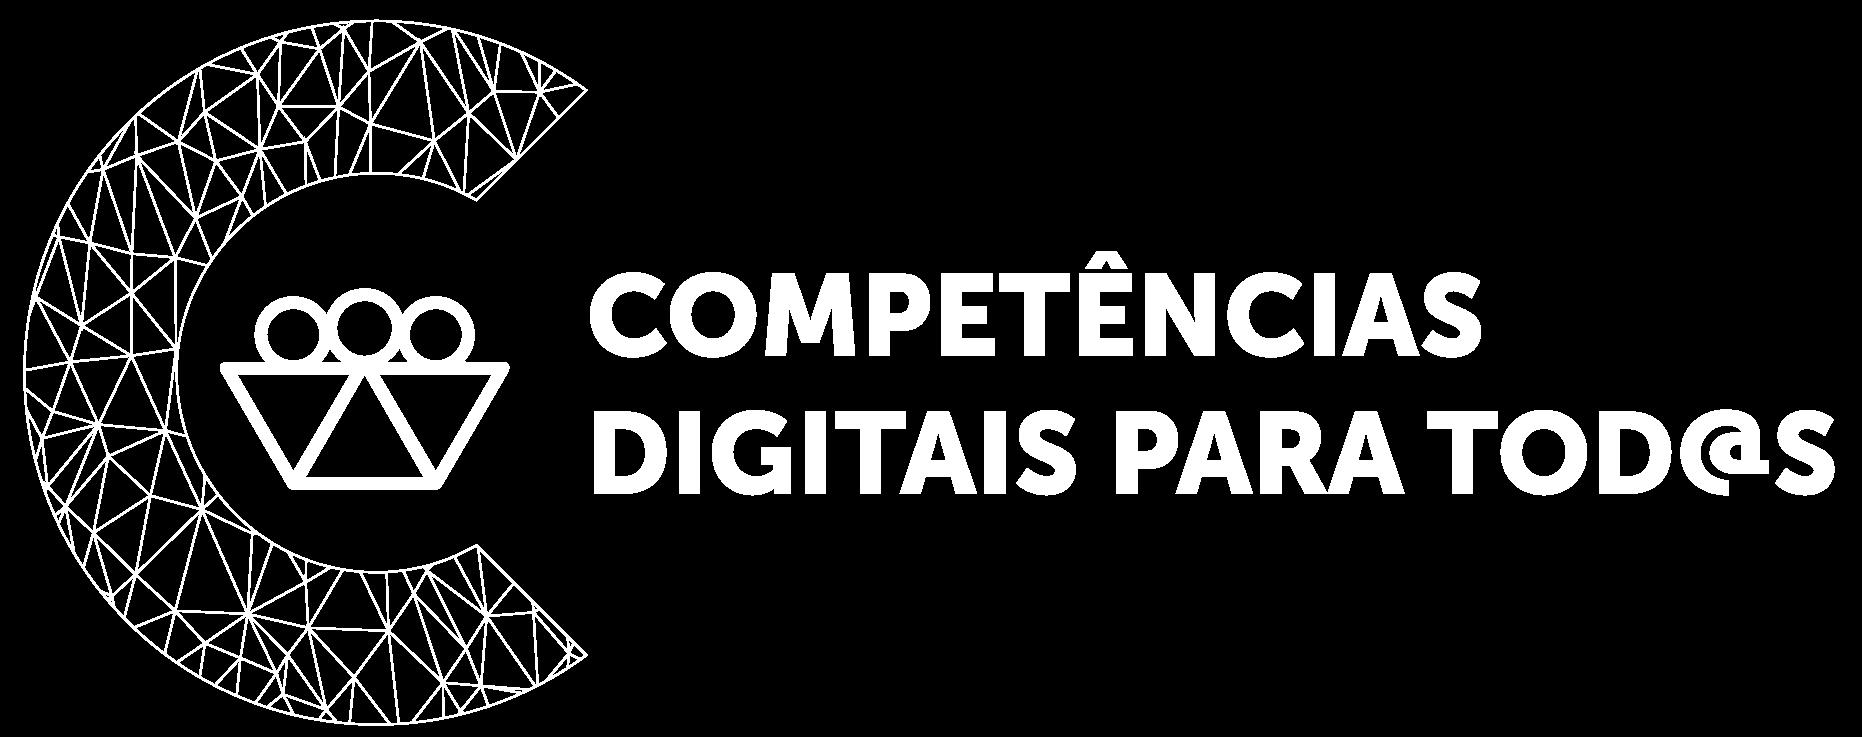 Competências Digitais